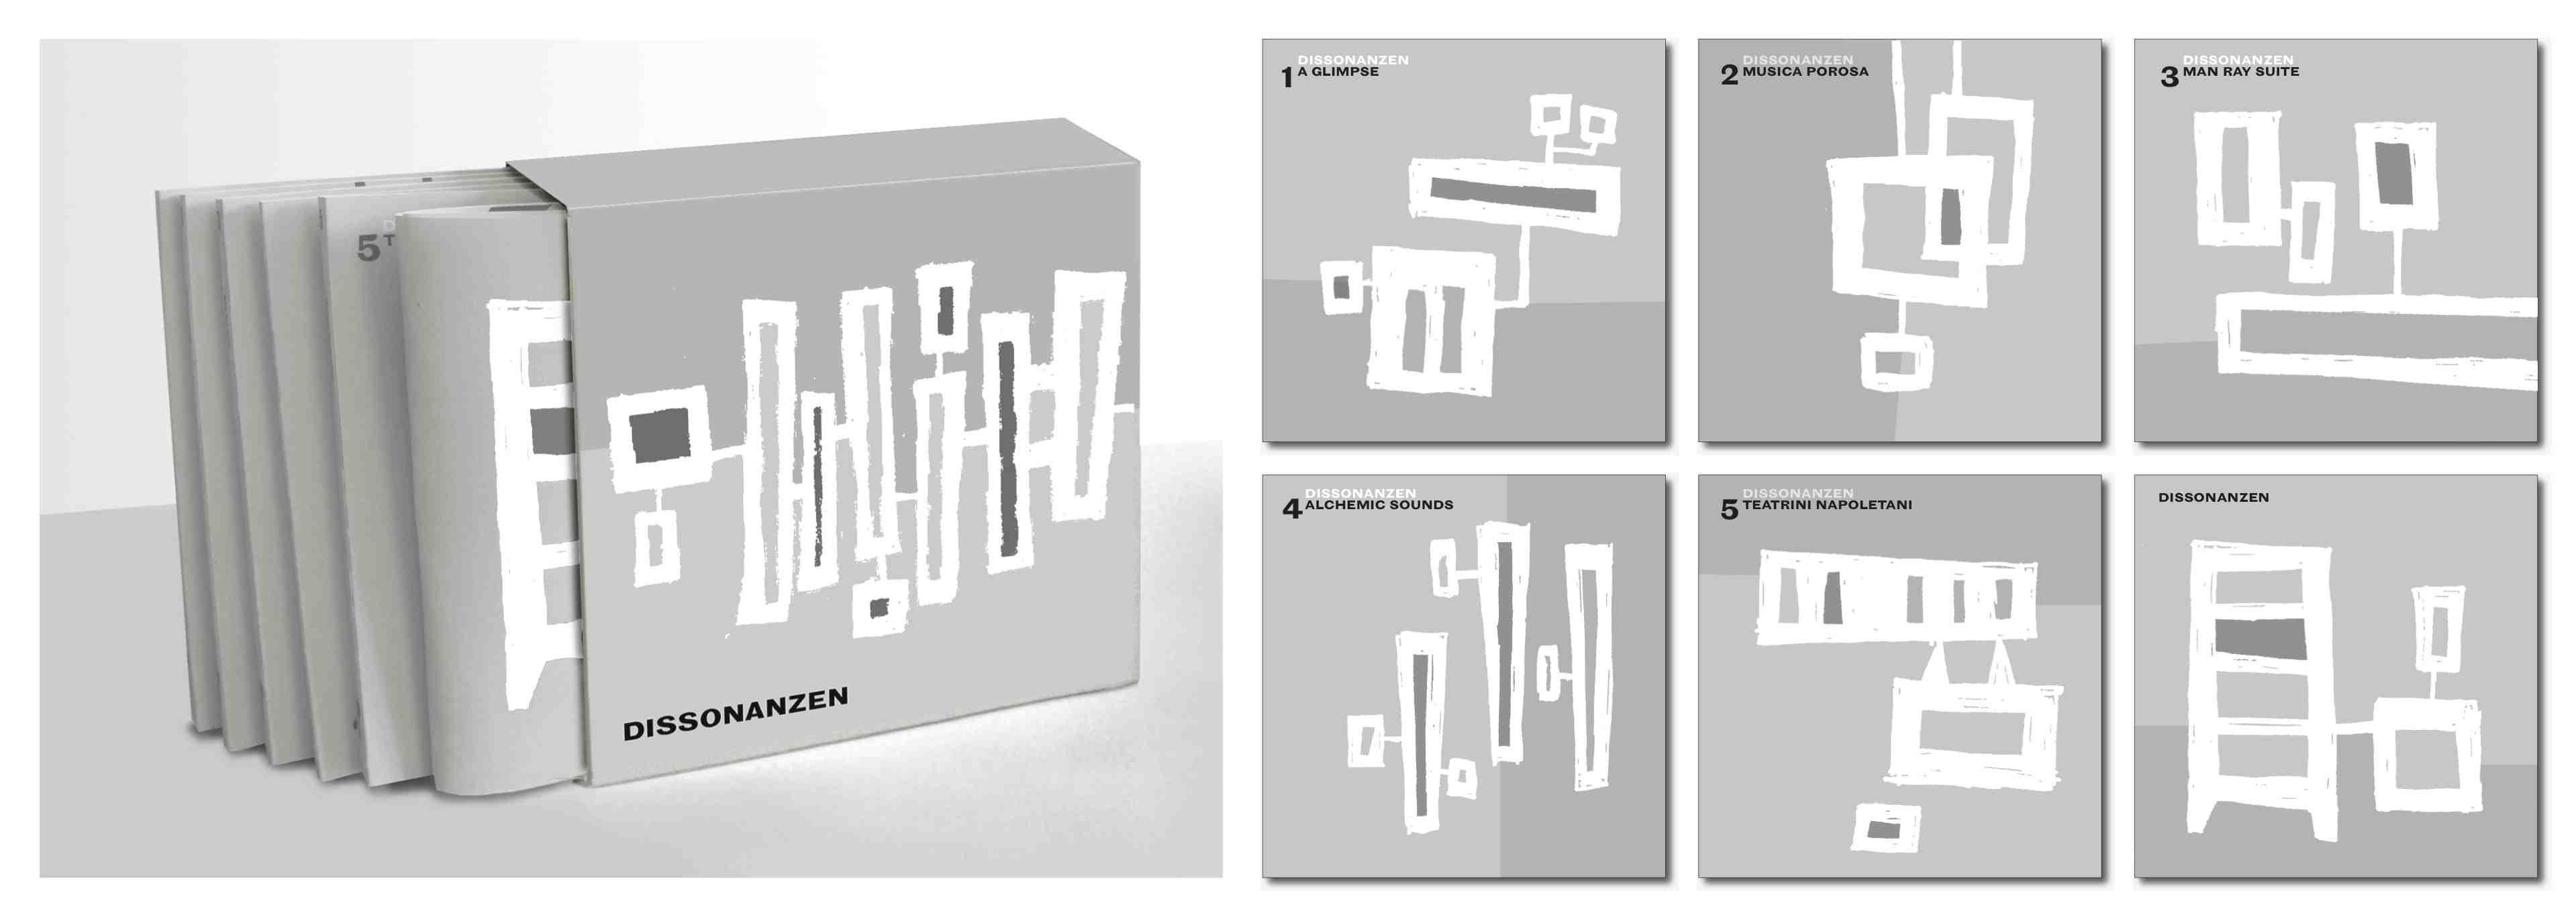 Un box di 5 cd per i vent'anni di Dissonanzen